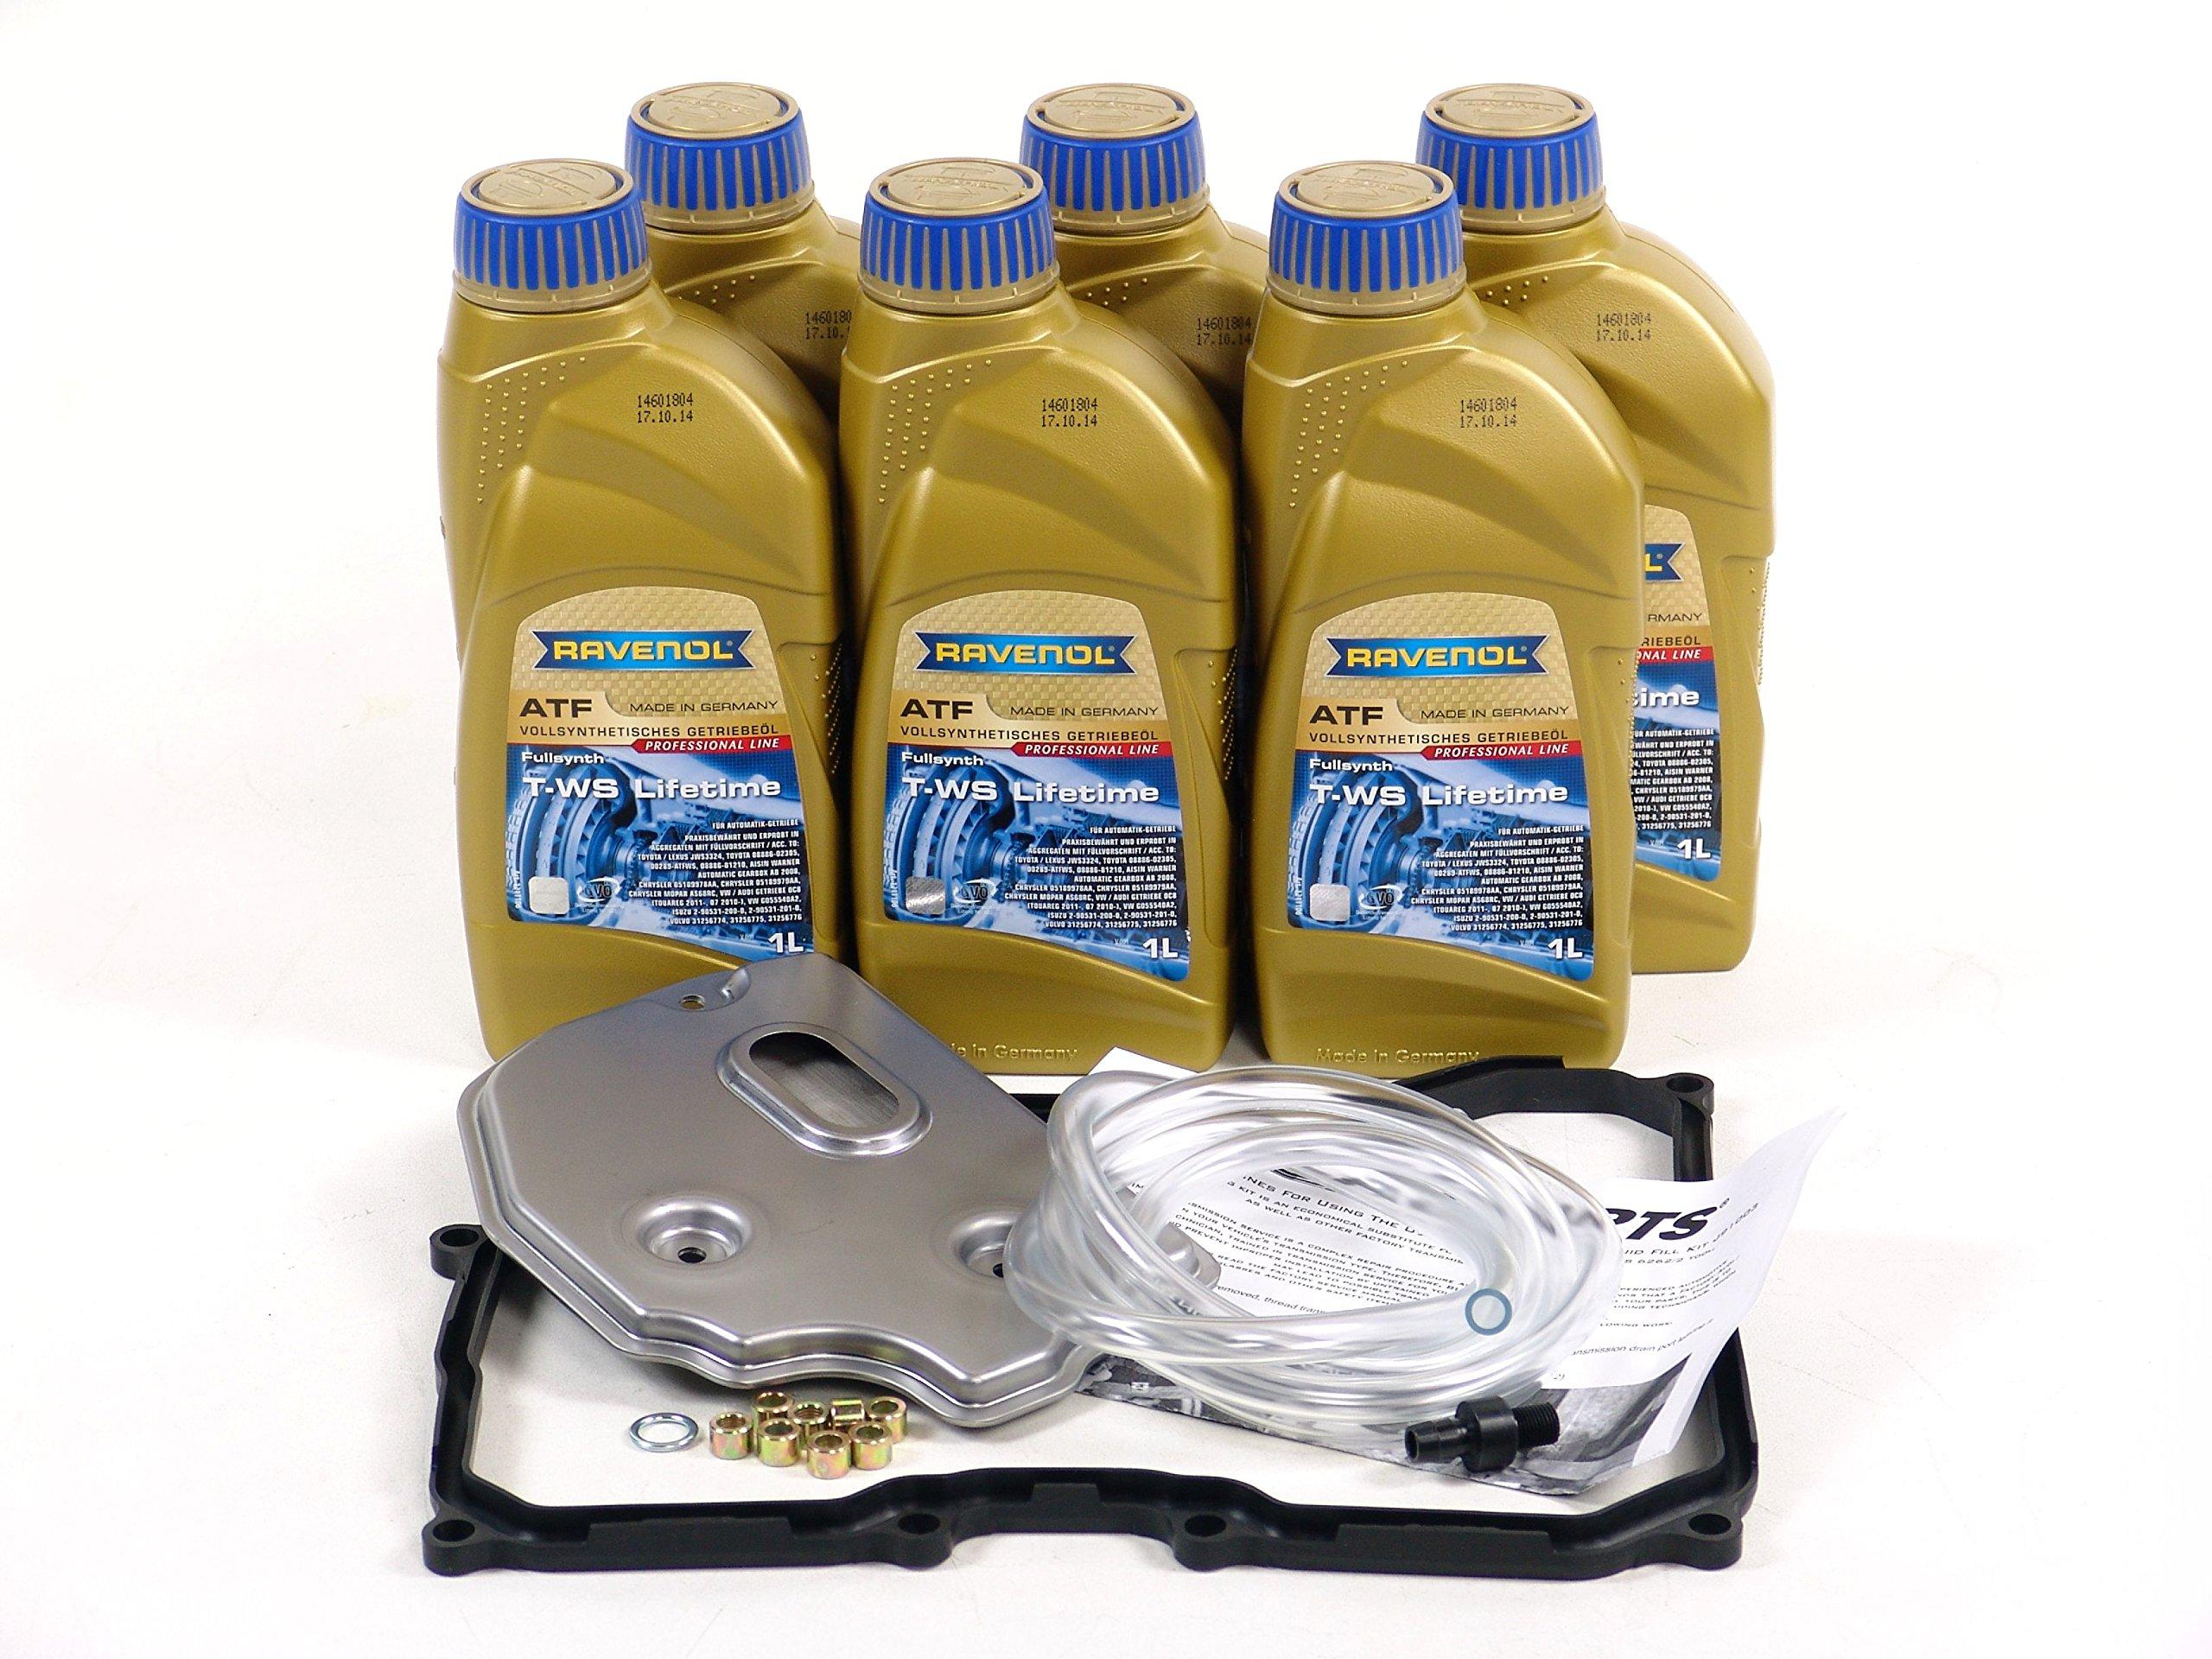 BLAU F2A1017-C VW Jetta ATF Automatic Transmission Fluid Filter Kit - 2011-14 w/ 6 Speed Tiptronic